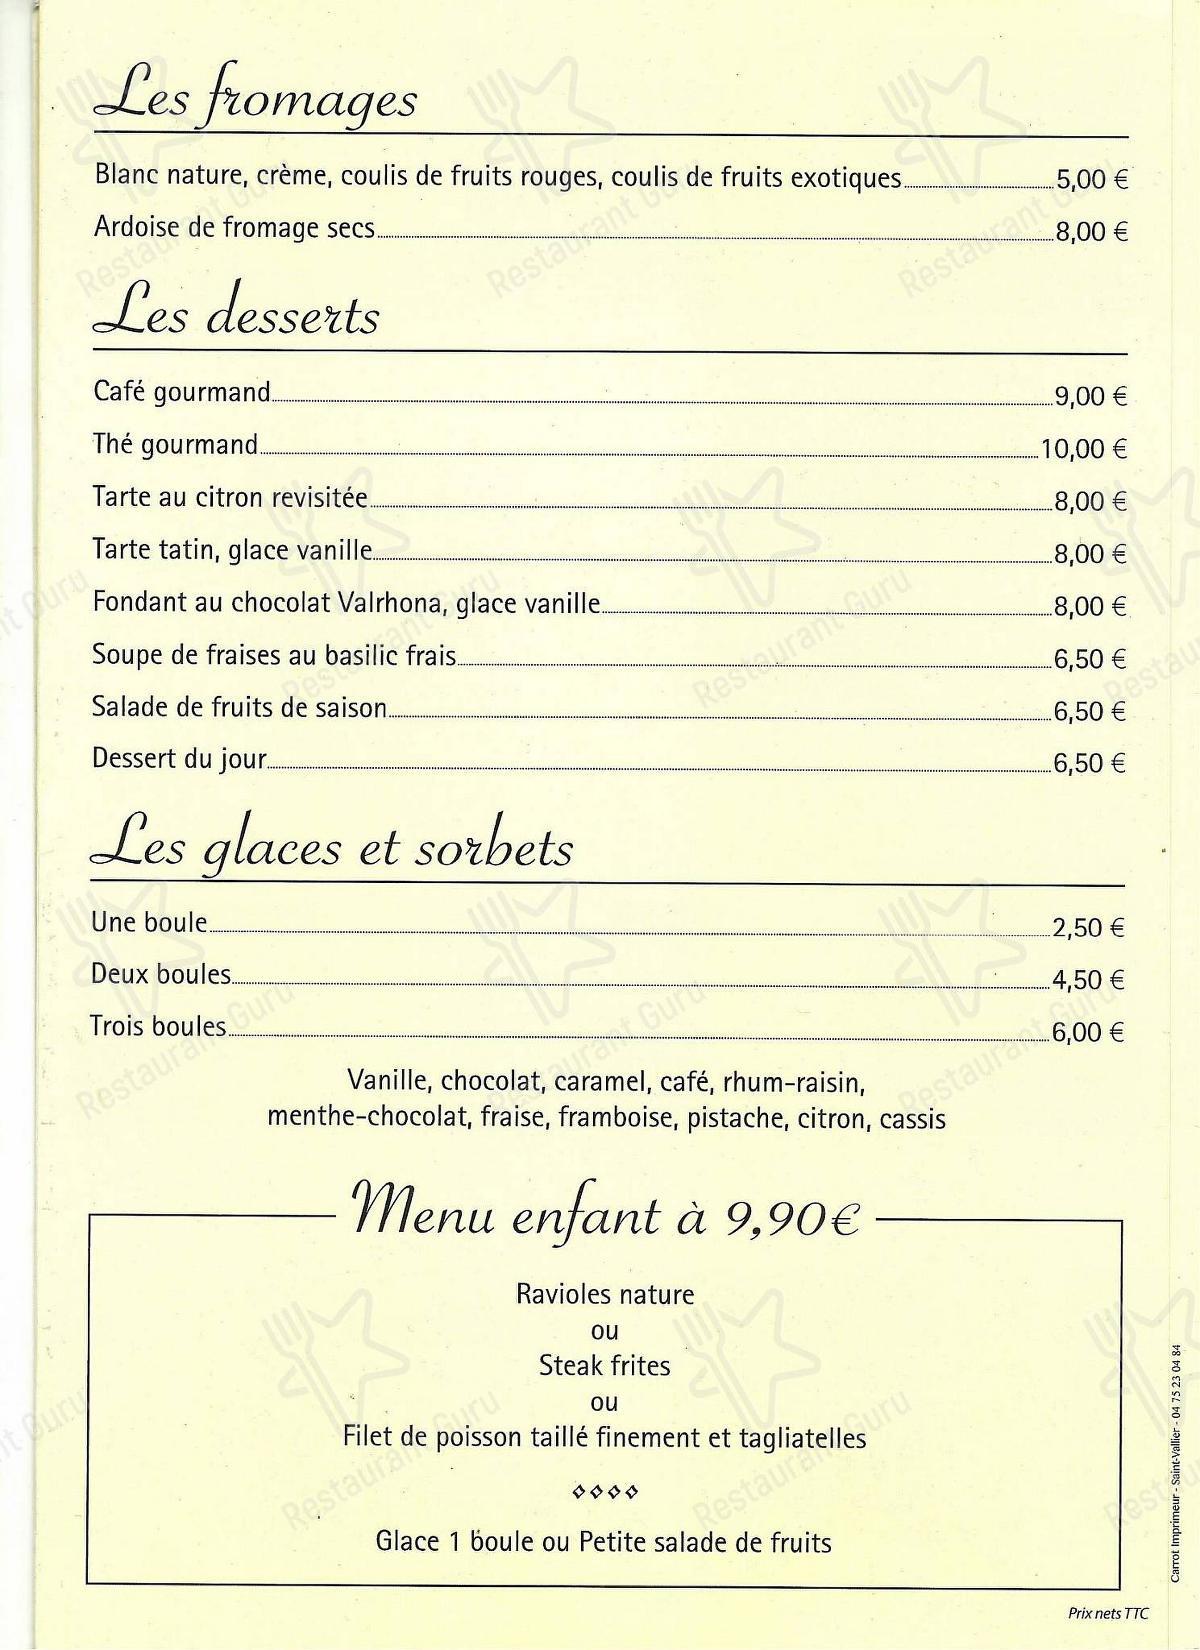 Carta de La Cuisine - comidas y bebidas